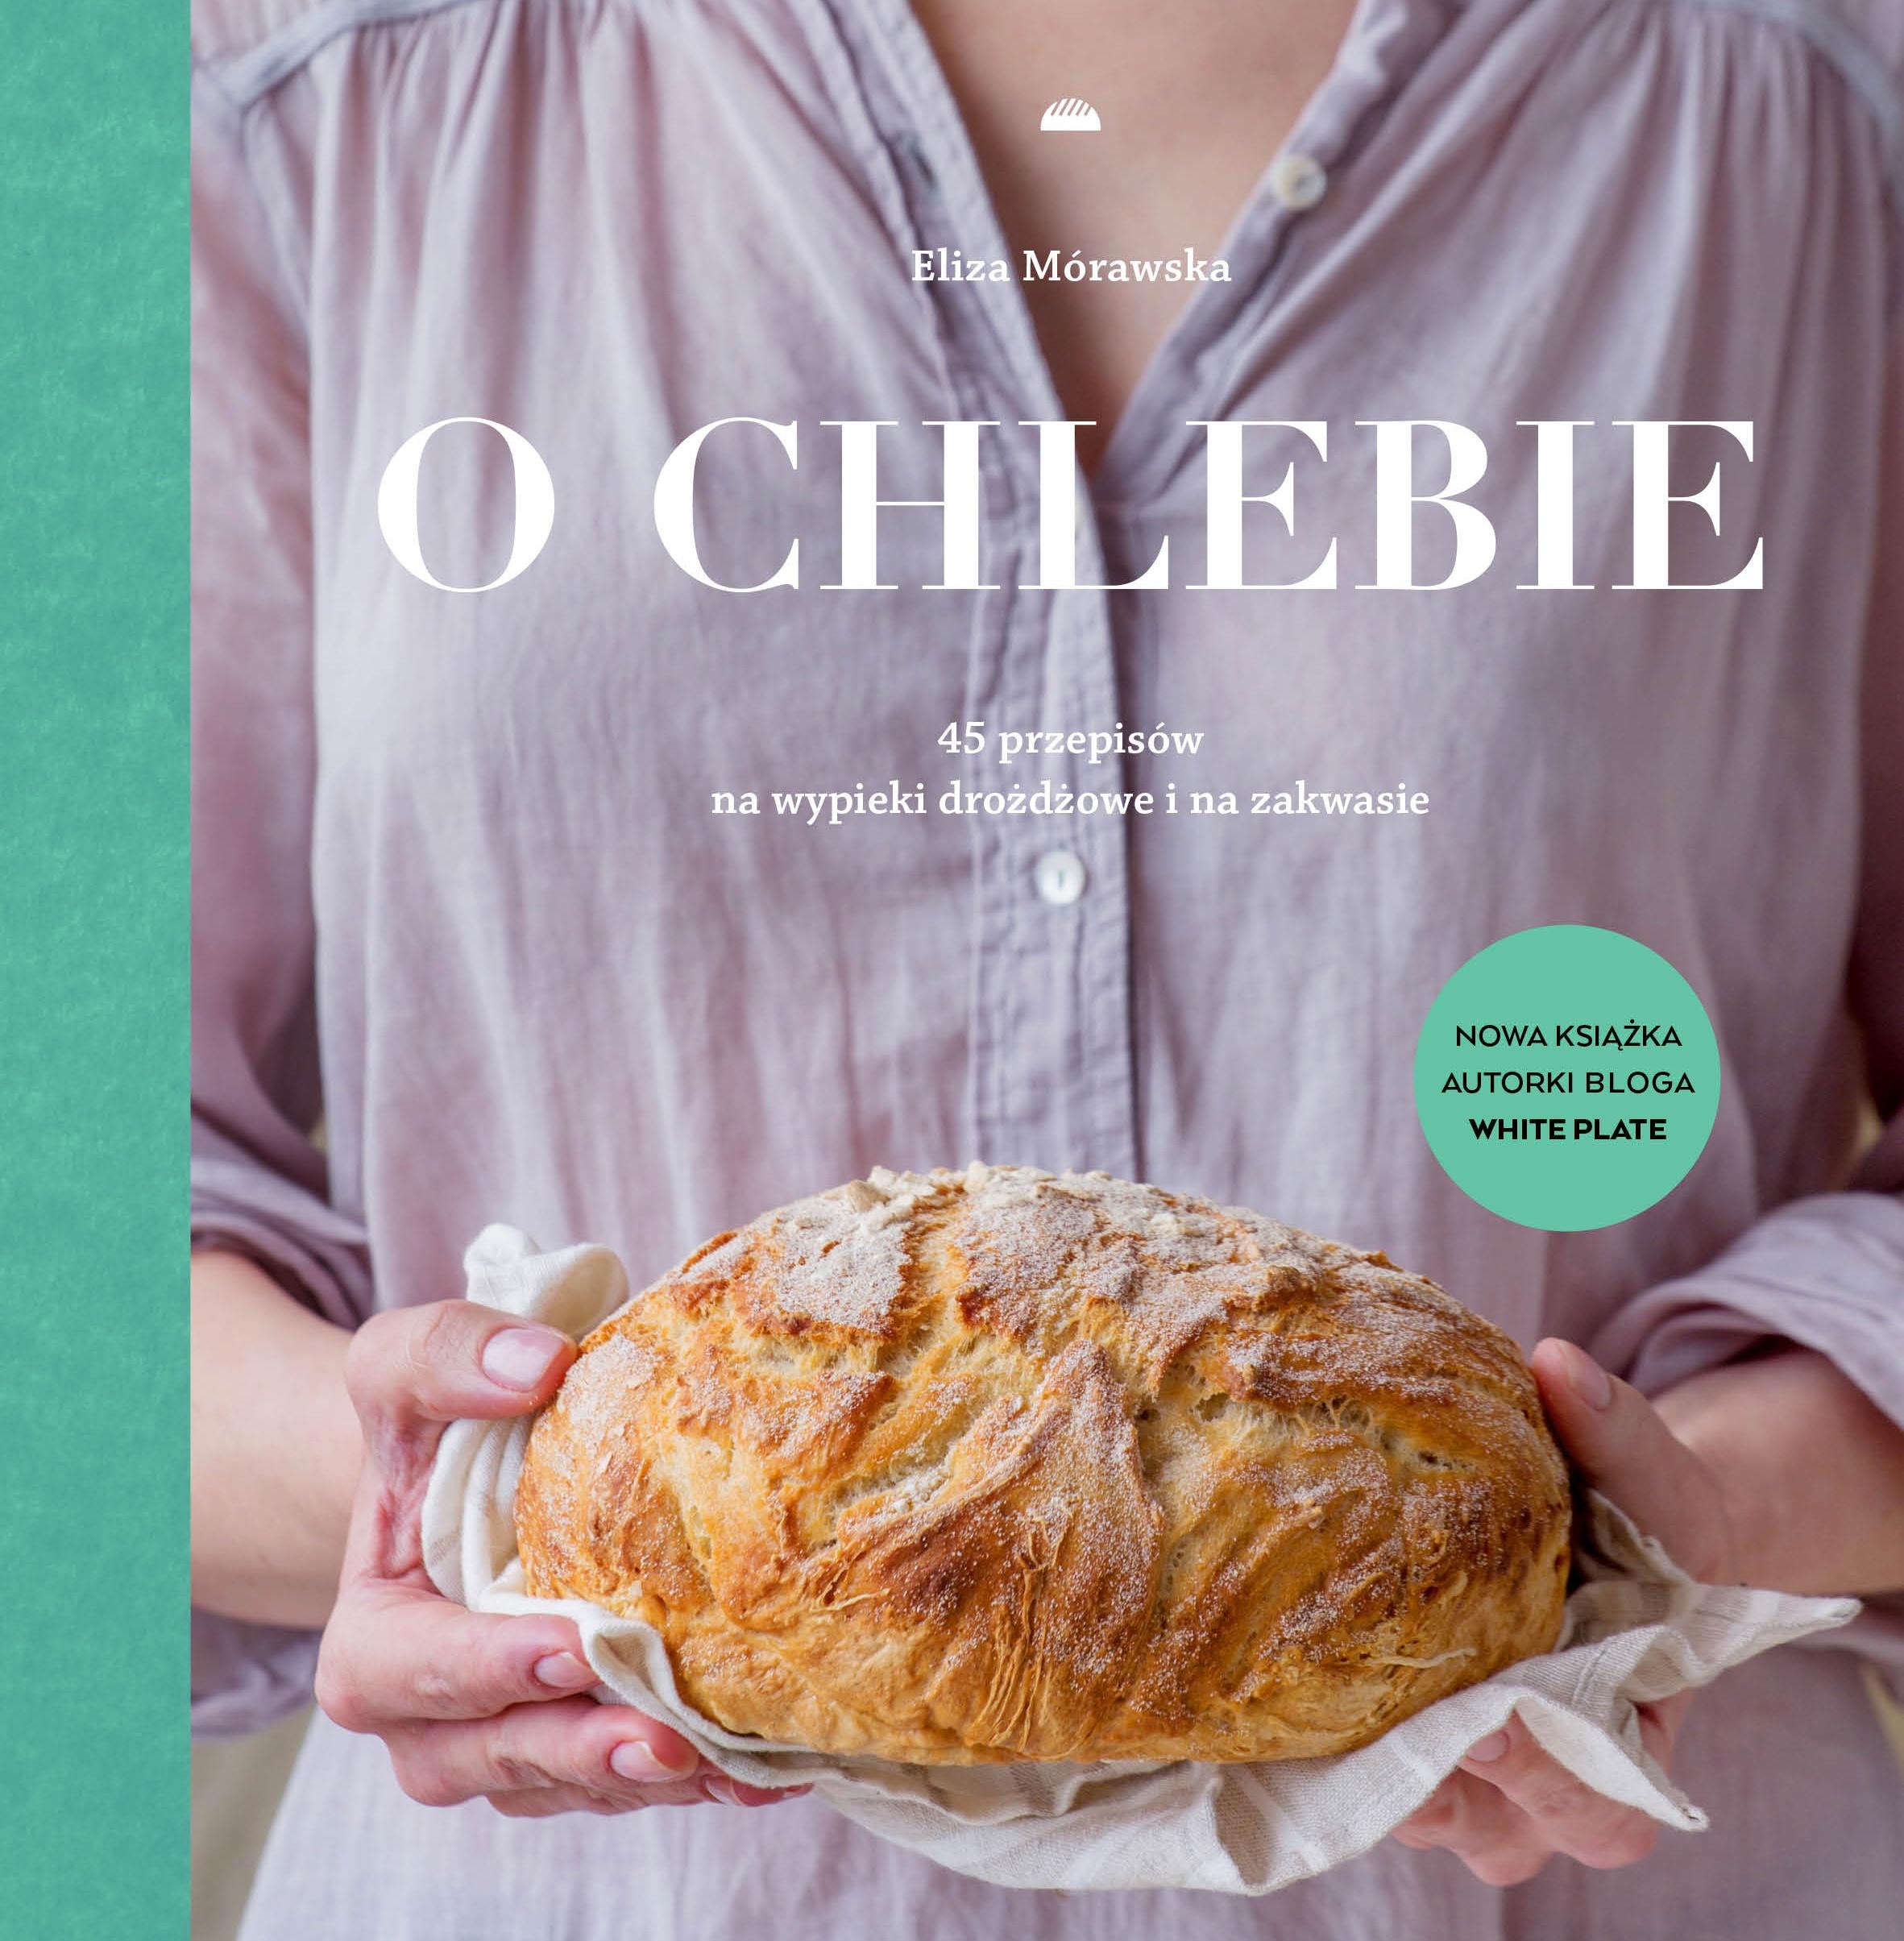 Eliza Mórawska i seria książek kulinarnych